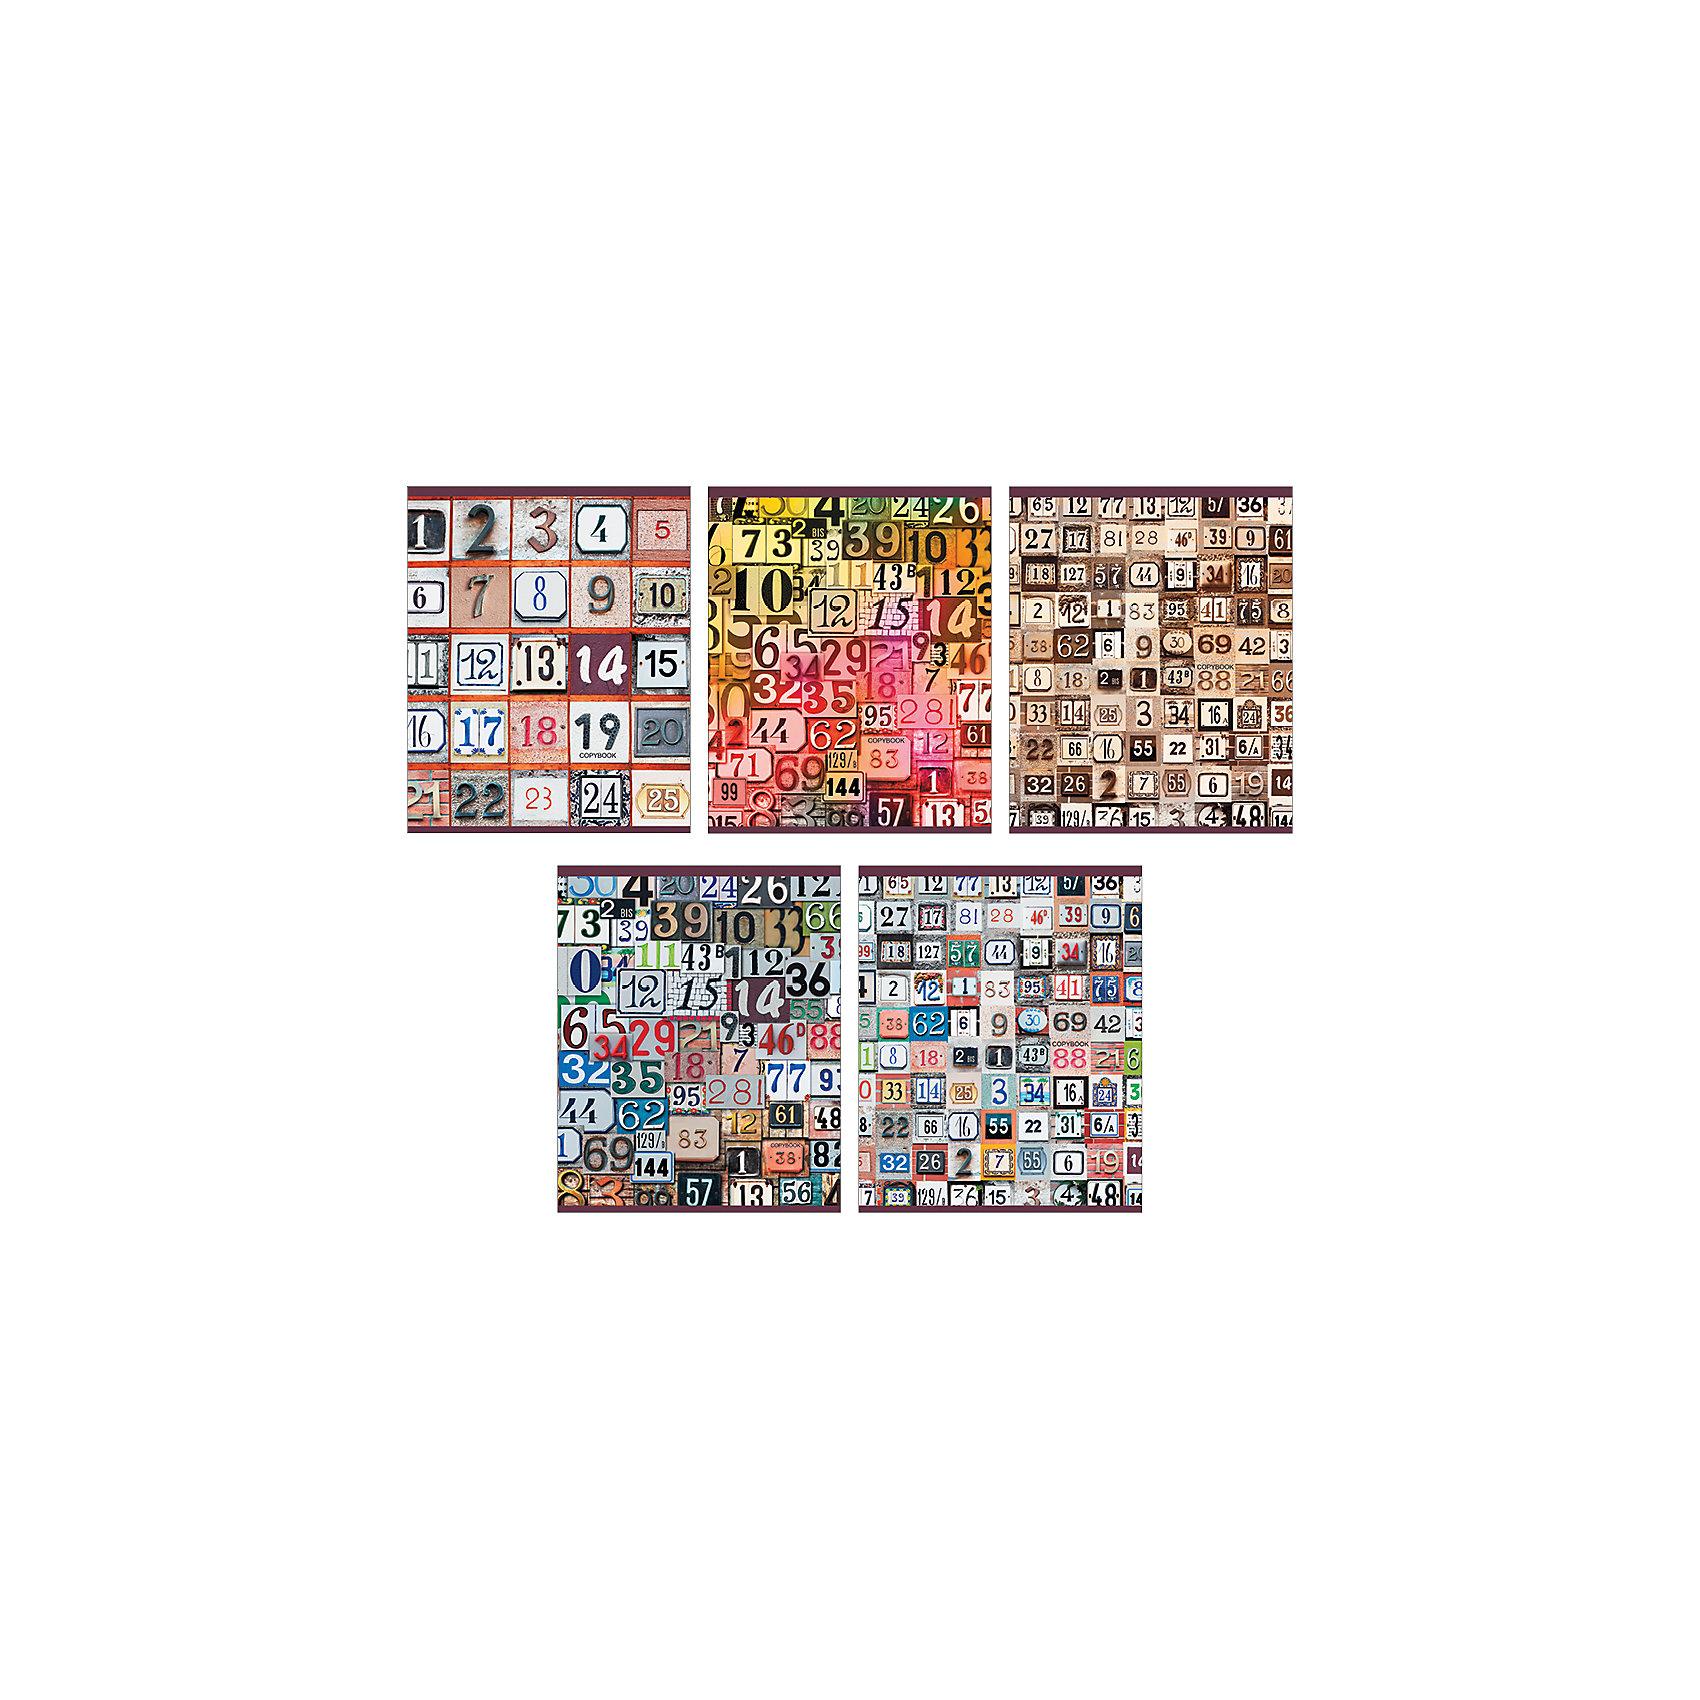 Комплект тетрадей Магия чисел (10 шт), 48 листов, Канц-ЭксмоБумажная продукция<br>Характеристики комплекта тетрадей Магия чисел:<br><br>• размеры: 20.2х16.3х3.5 см<br>• количество листов: 48 шт.<br>• разлиновка: клетка<br>• формат: А 5 <br>• комплектация: тетрадь<br>• бумага: офсет, плотностью 60 г/м2.<br>• обложка: мелованный картон, печать по металлизированной пленке Серебро, сплошной глянцевый лак.<br>• бренд: Канц-Эксмо<br>• страна бренда: Россия<br>• страна производителя: Россия<br><br>Комплект тетрадей Магия чисел от производителя Канц-Эксмо выполнен в формате А5. Количество листов 48, тетради в клетку с полями. Крепление: скрепка. Обложка у изделий плотная - мелованный картон, выборочный лак <br><br>Комплект тетрадей Магия чисел от производителя Канц-Эксмо можно купить в нашем интернет-магазине.<br><br>Ширина мм: 202<br>Глубина мм: 163<br>Высота мм: 40<br>Вес г: 103<br>Возраст от месяцев: 72<br>Возраст до месяцев: 2147483647<br>Пол: Унисекс<br>Возраст: Детский<br>SKU: 5448408